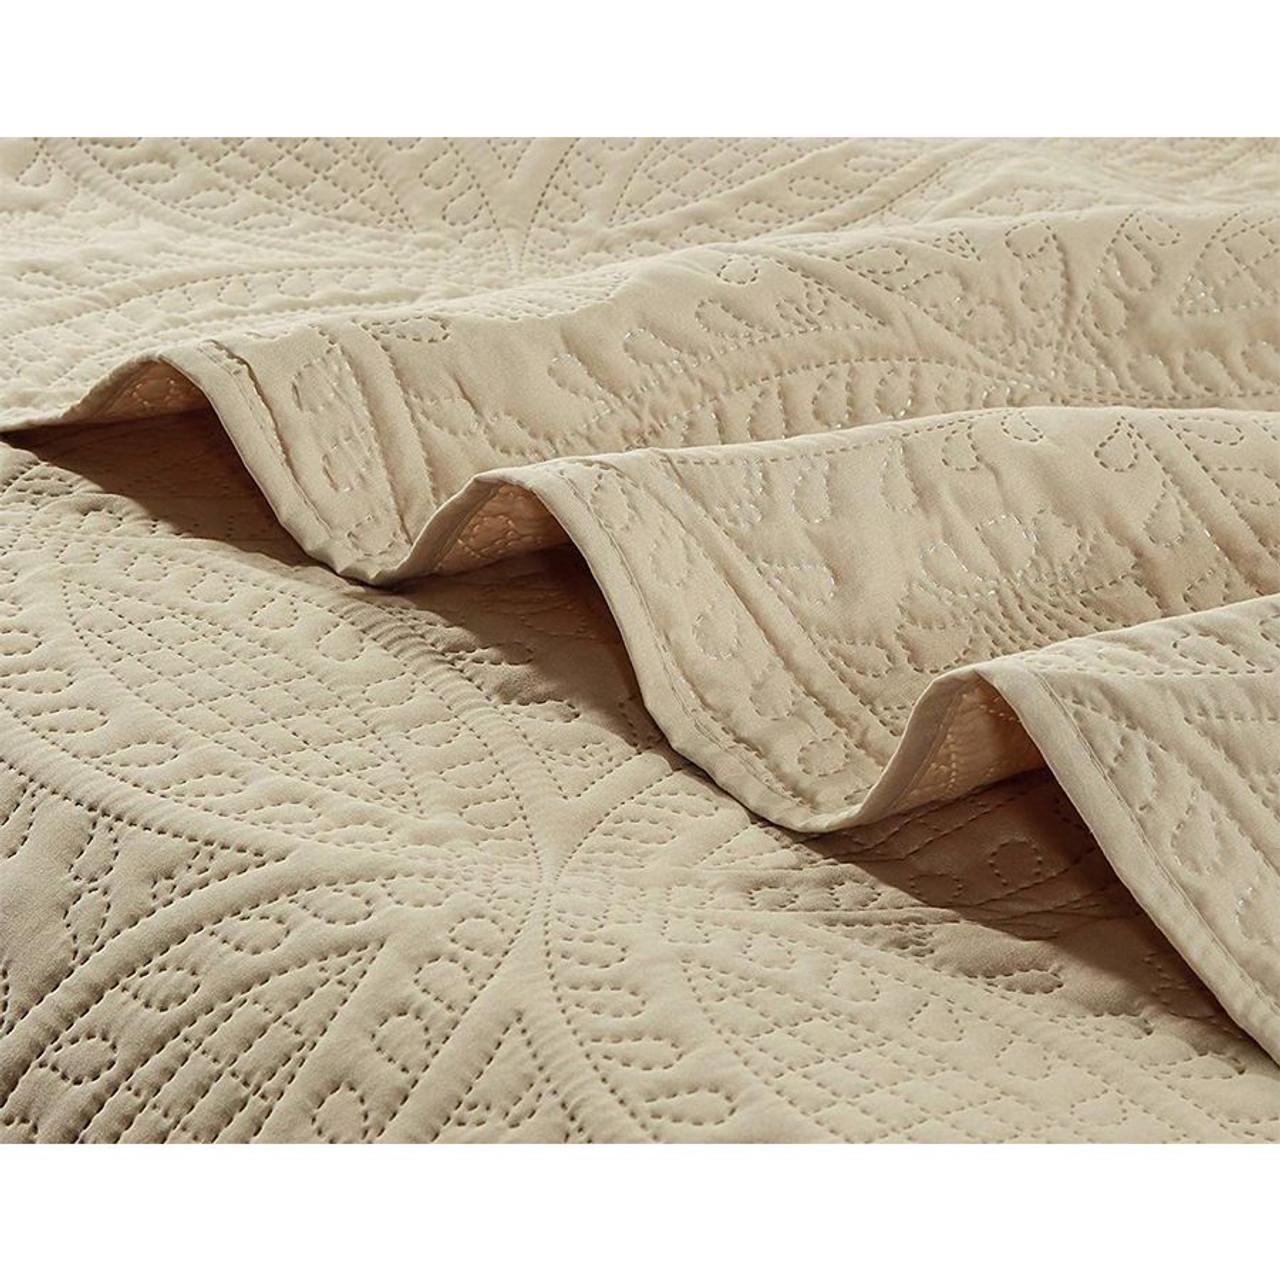 3 Pc Oversized Bedspread Coverlet Set Beige Color